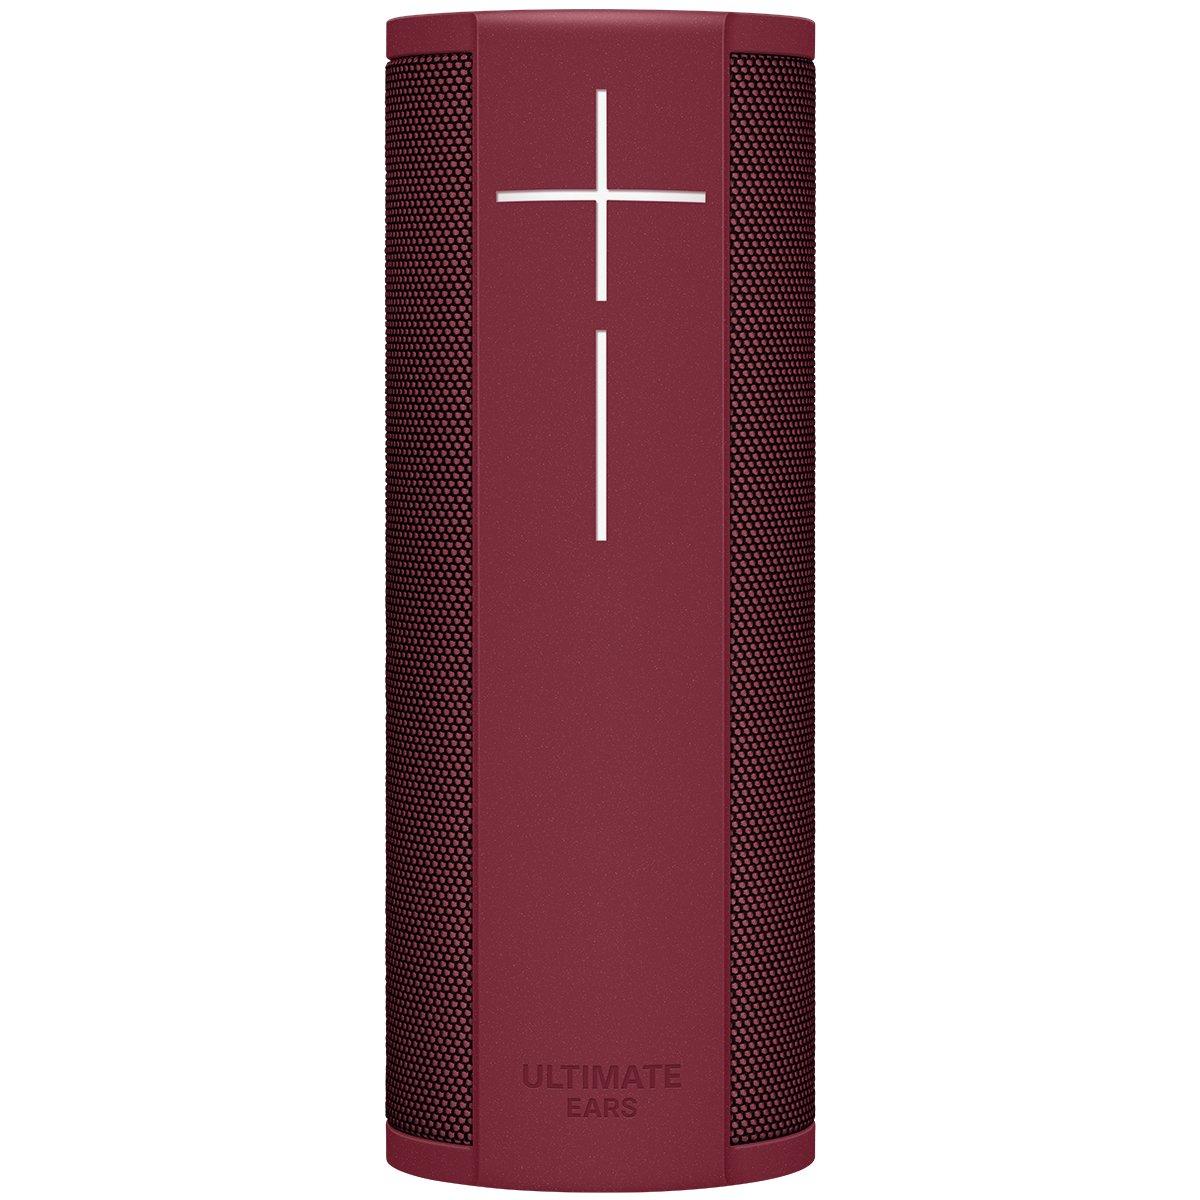 Ultimate Ears Megablast Bluetooth Speaker £83.99 @ Amazon